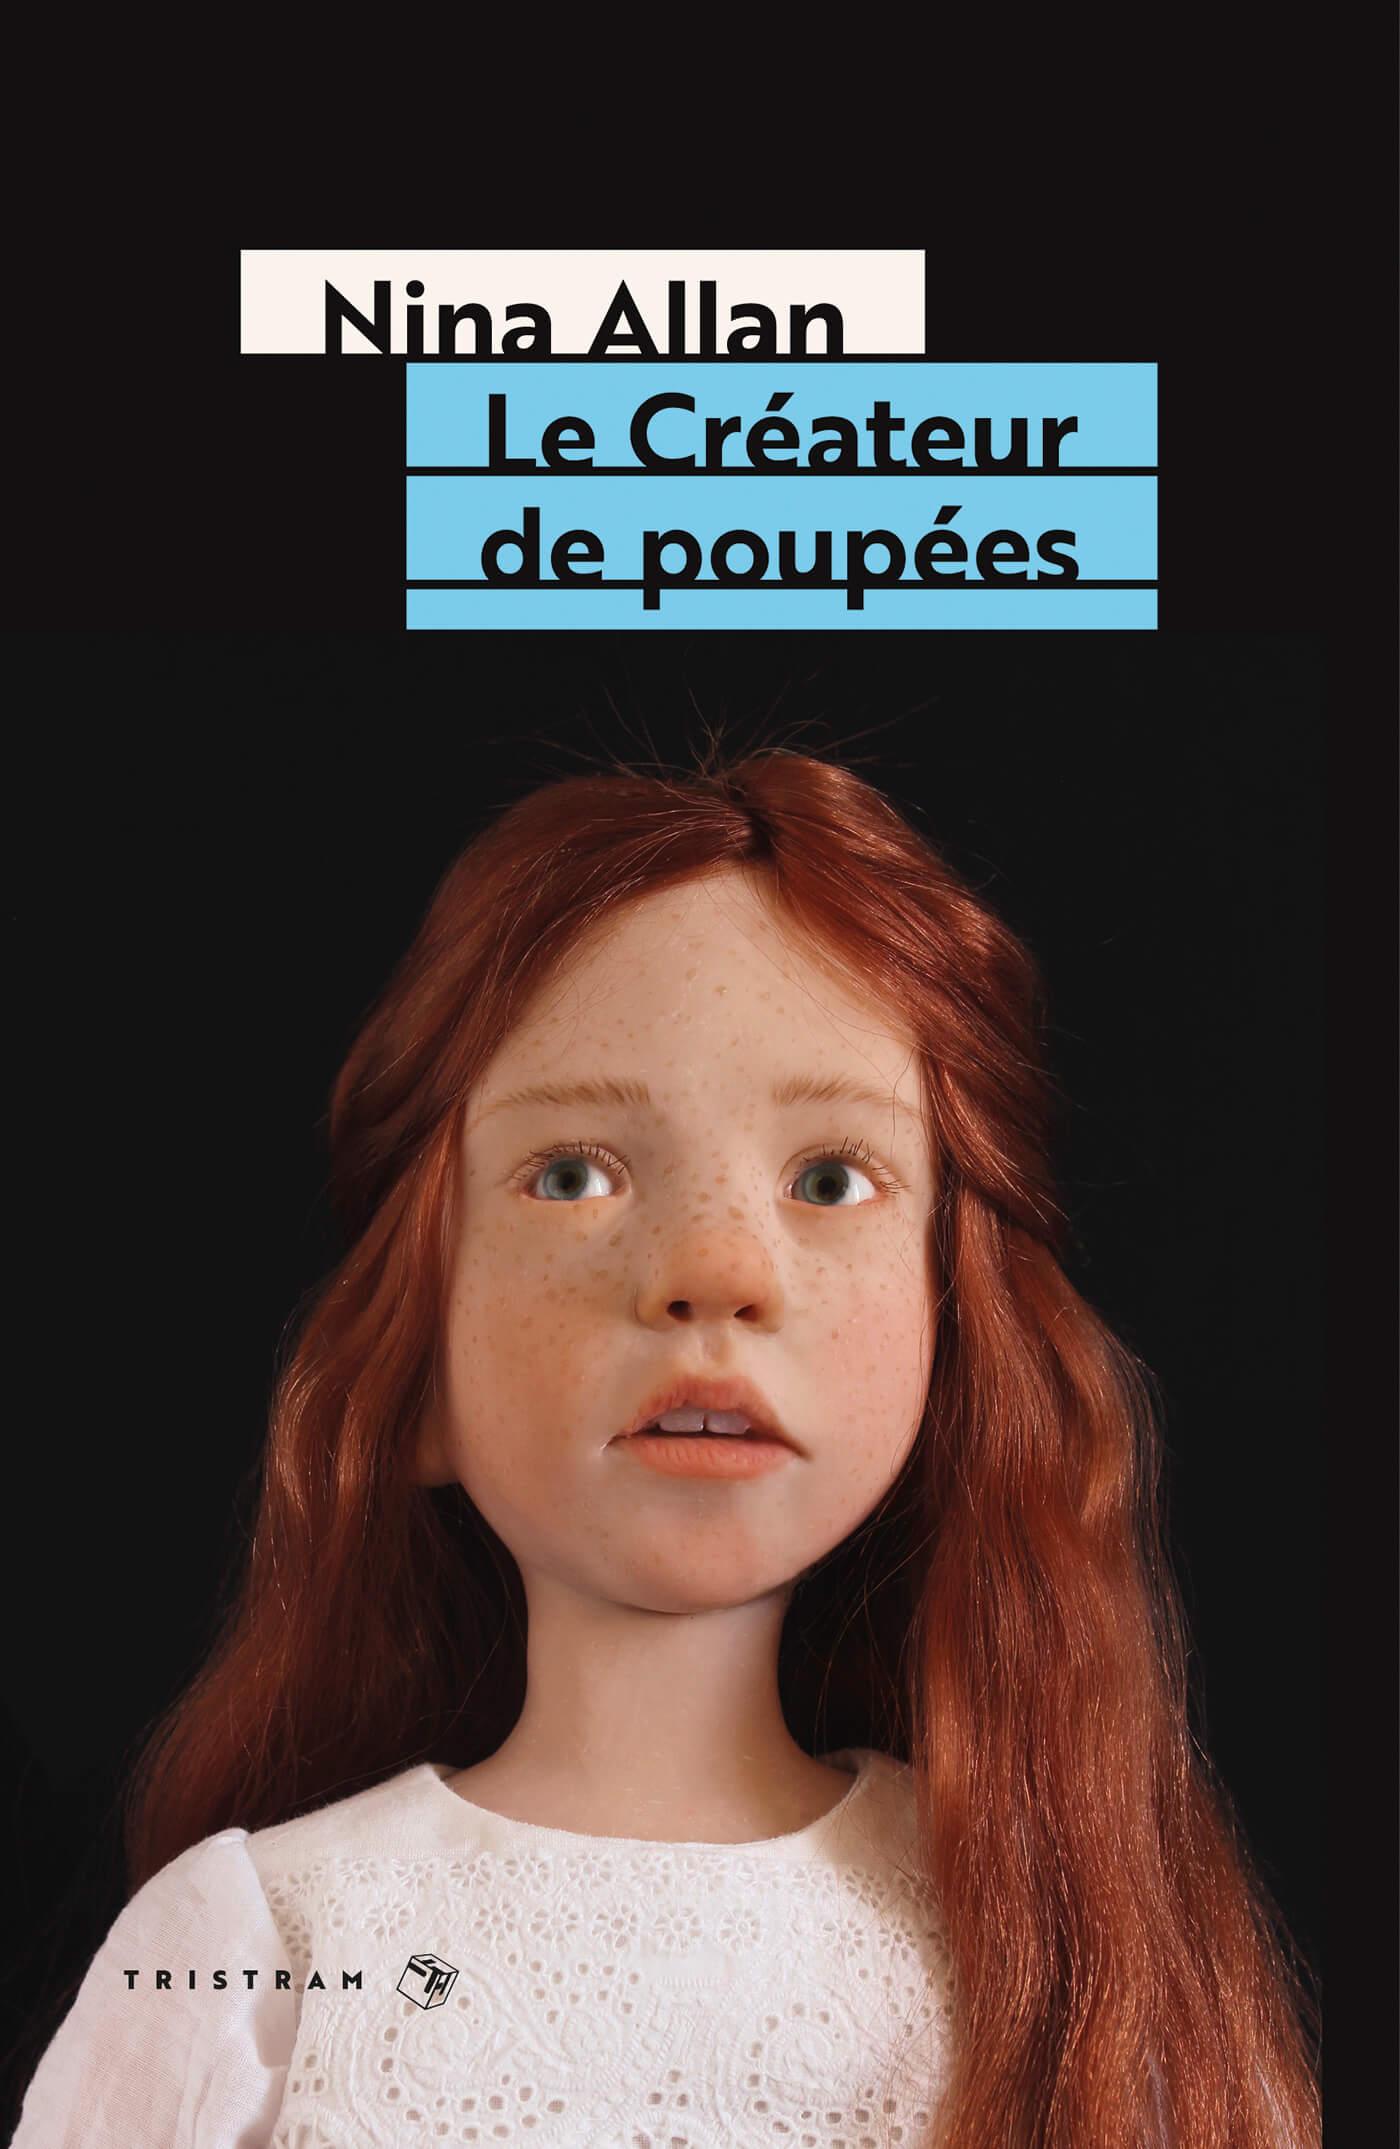 Le créateur de poupées de Nina Allan